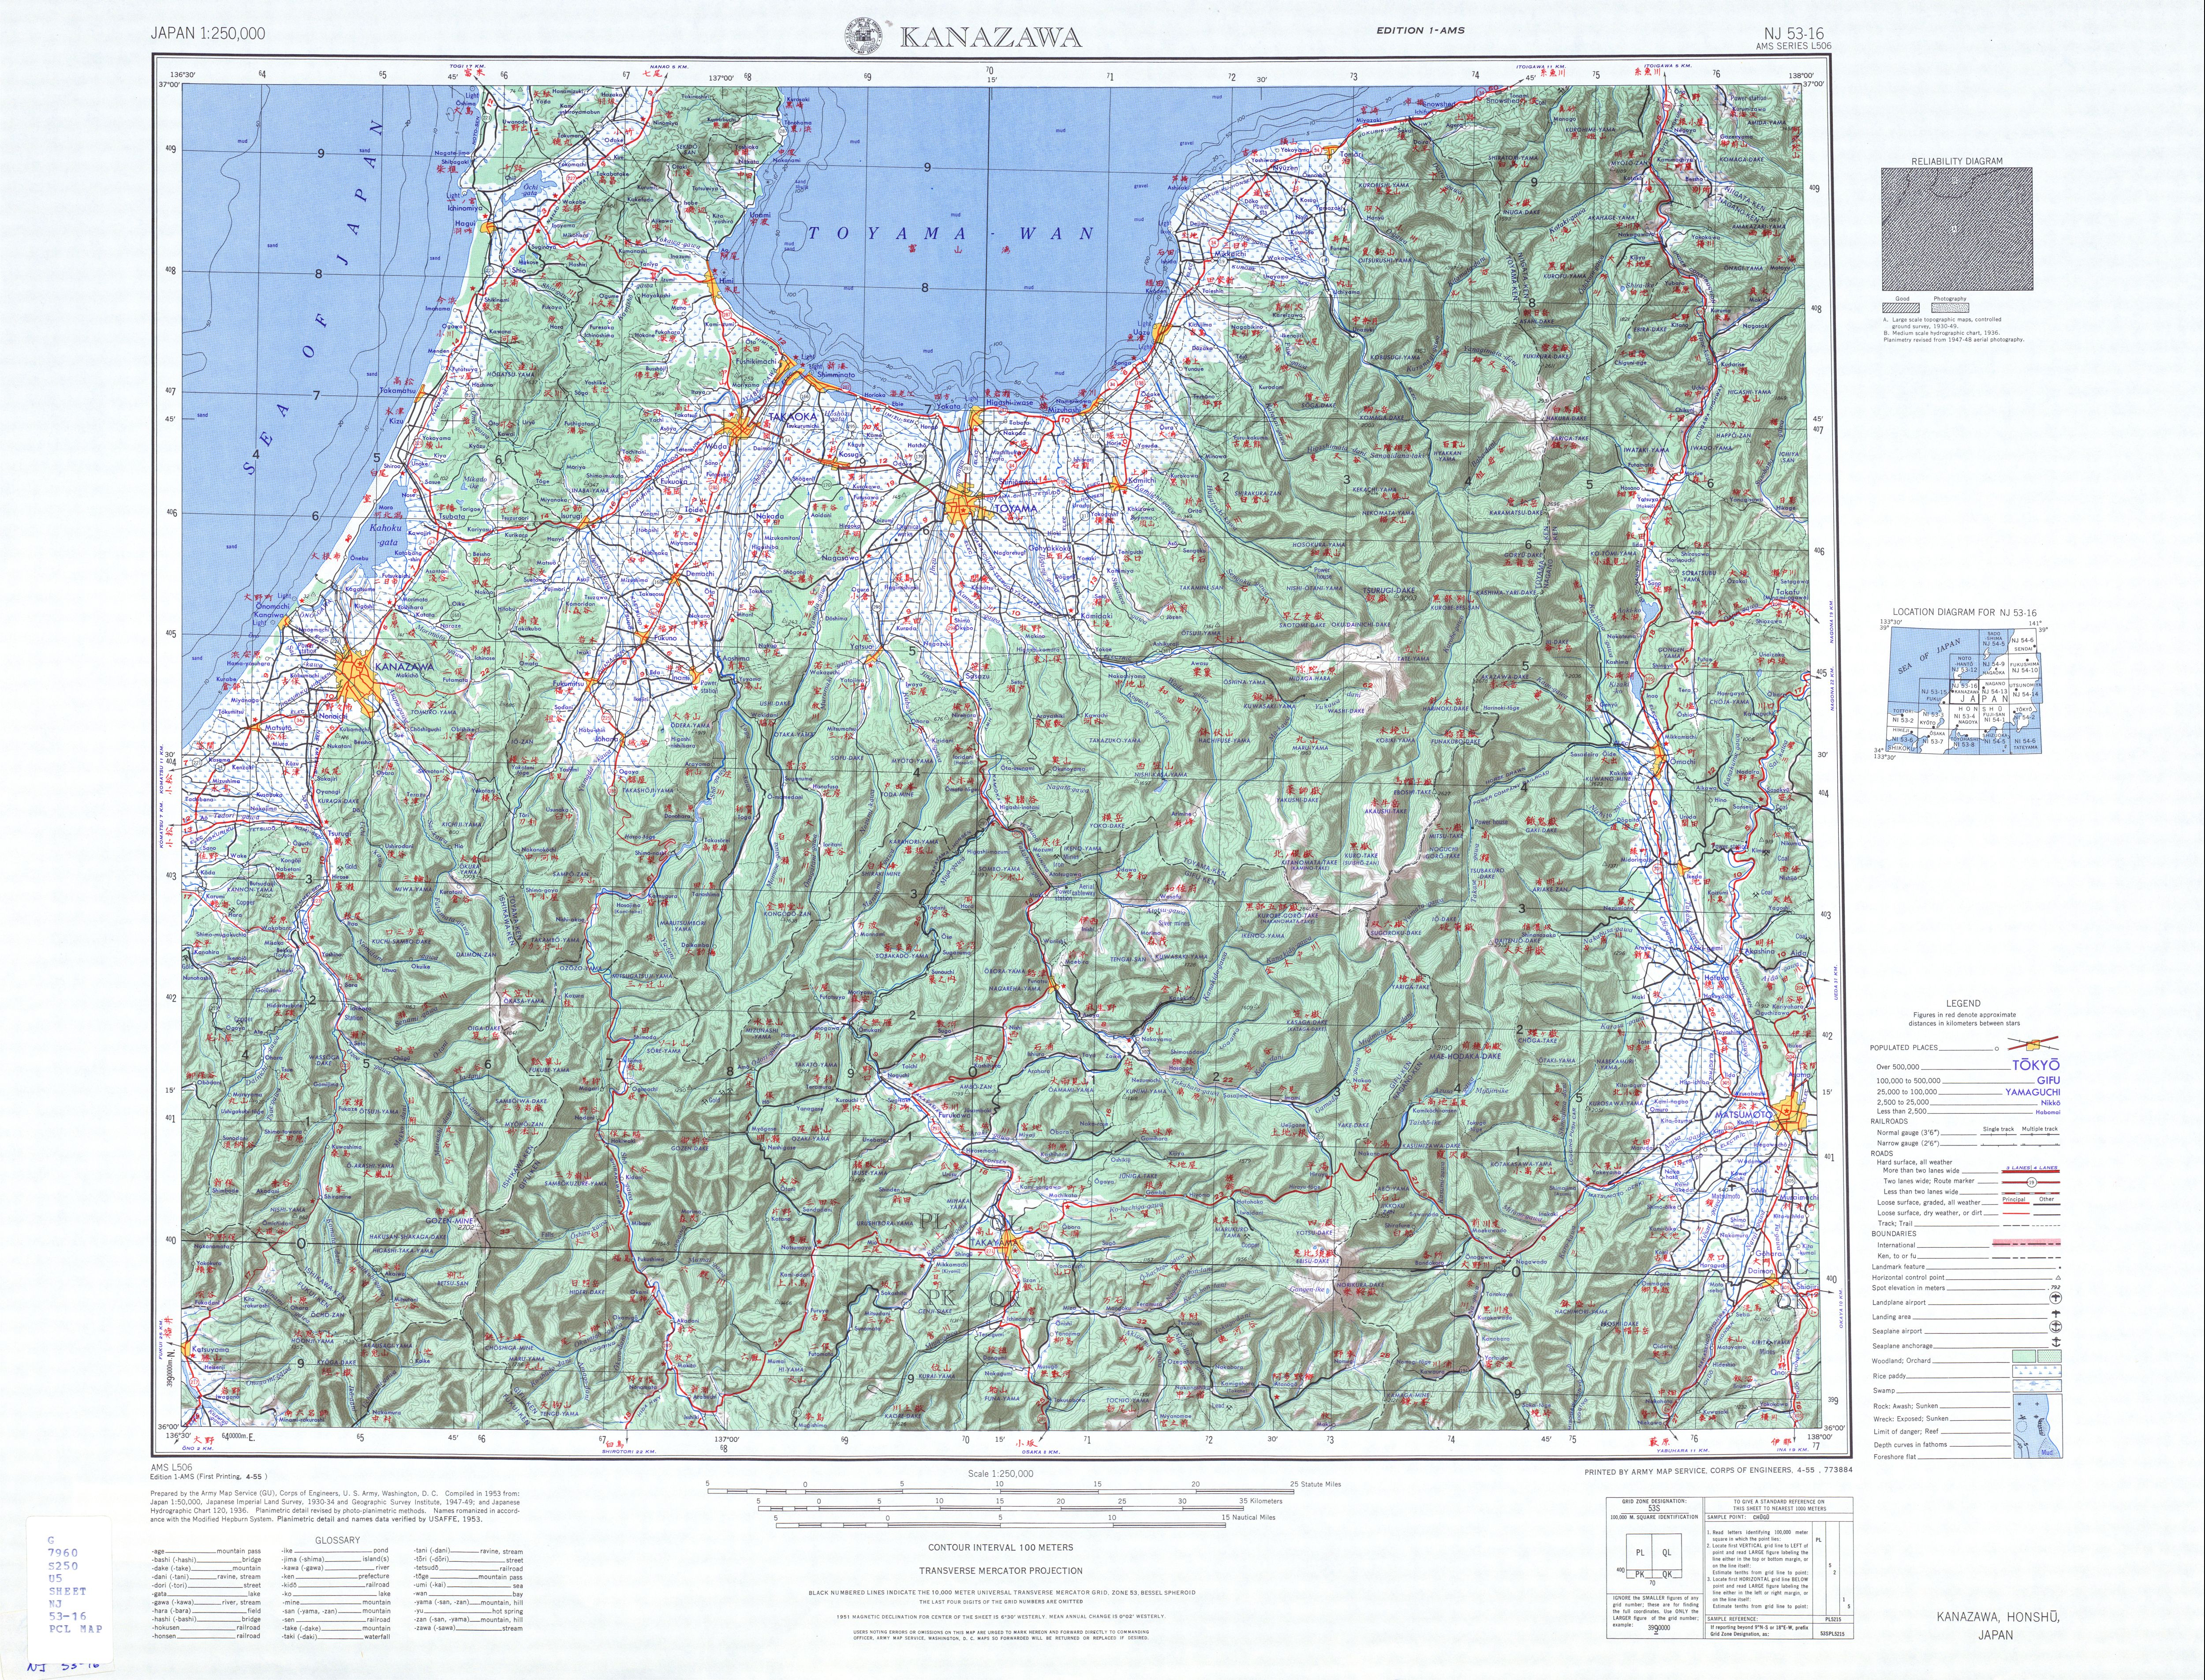 Japan AMS Topographic Maps PerryCastañeda Map Collection UT - Japan map kanazawa